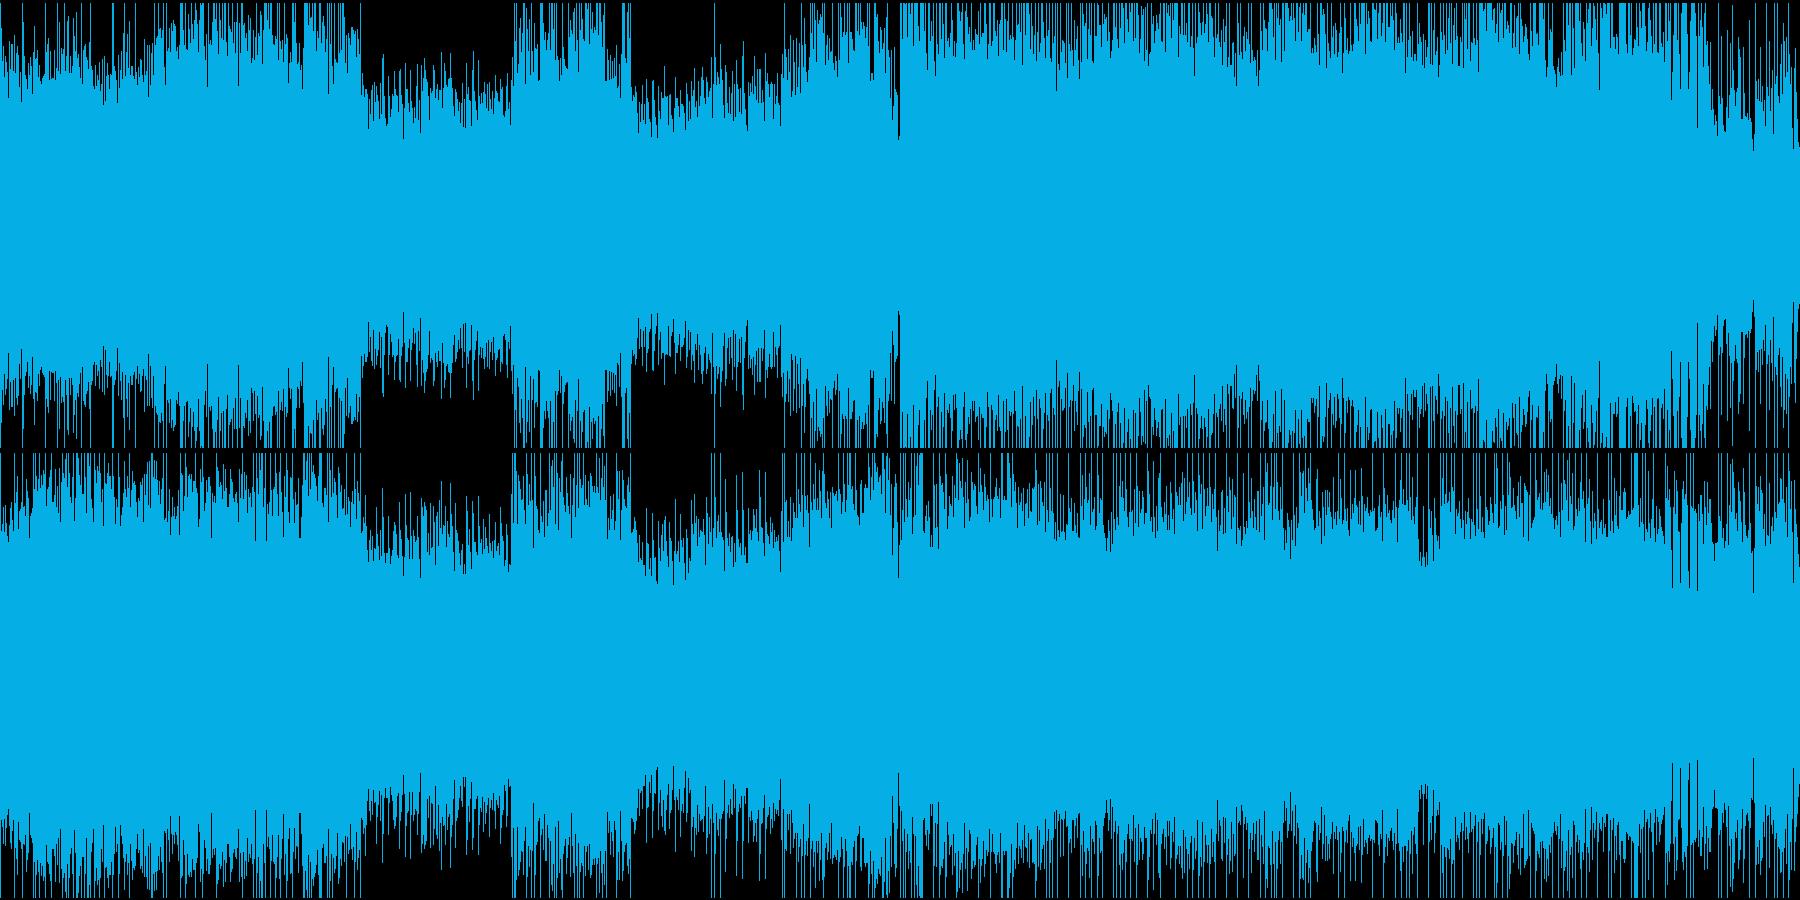 ポップロック②ハード/スピード【ループ】の再生済みの波形